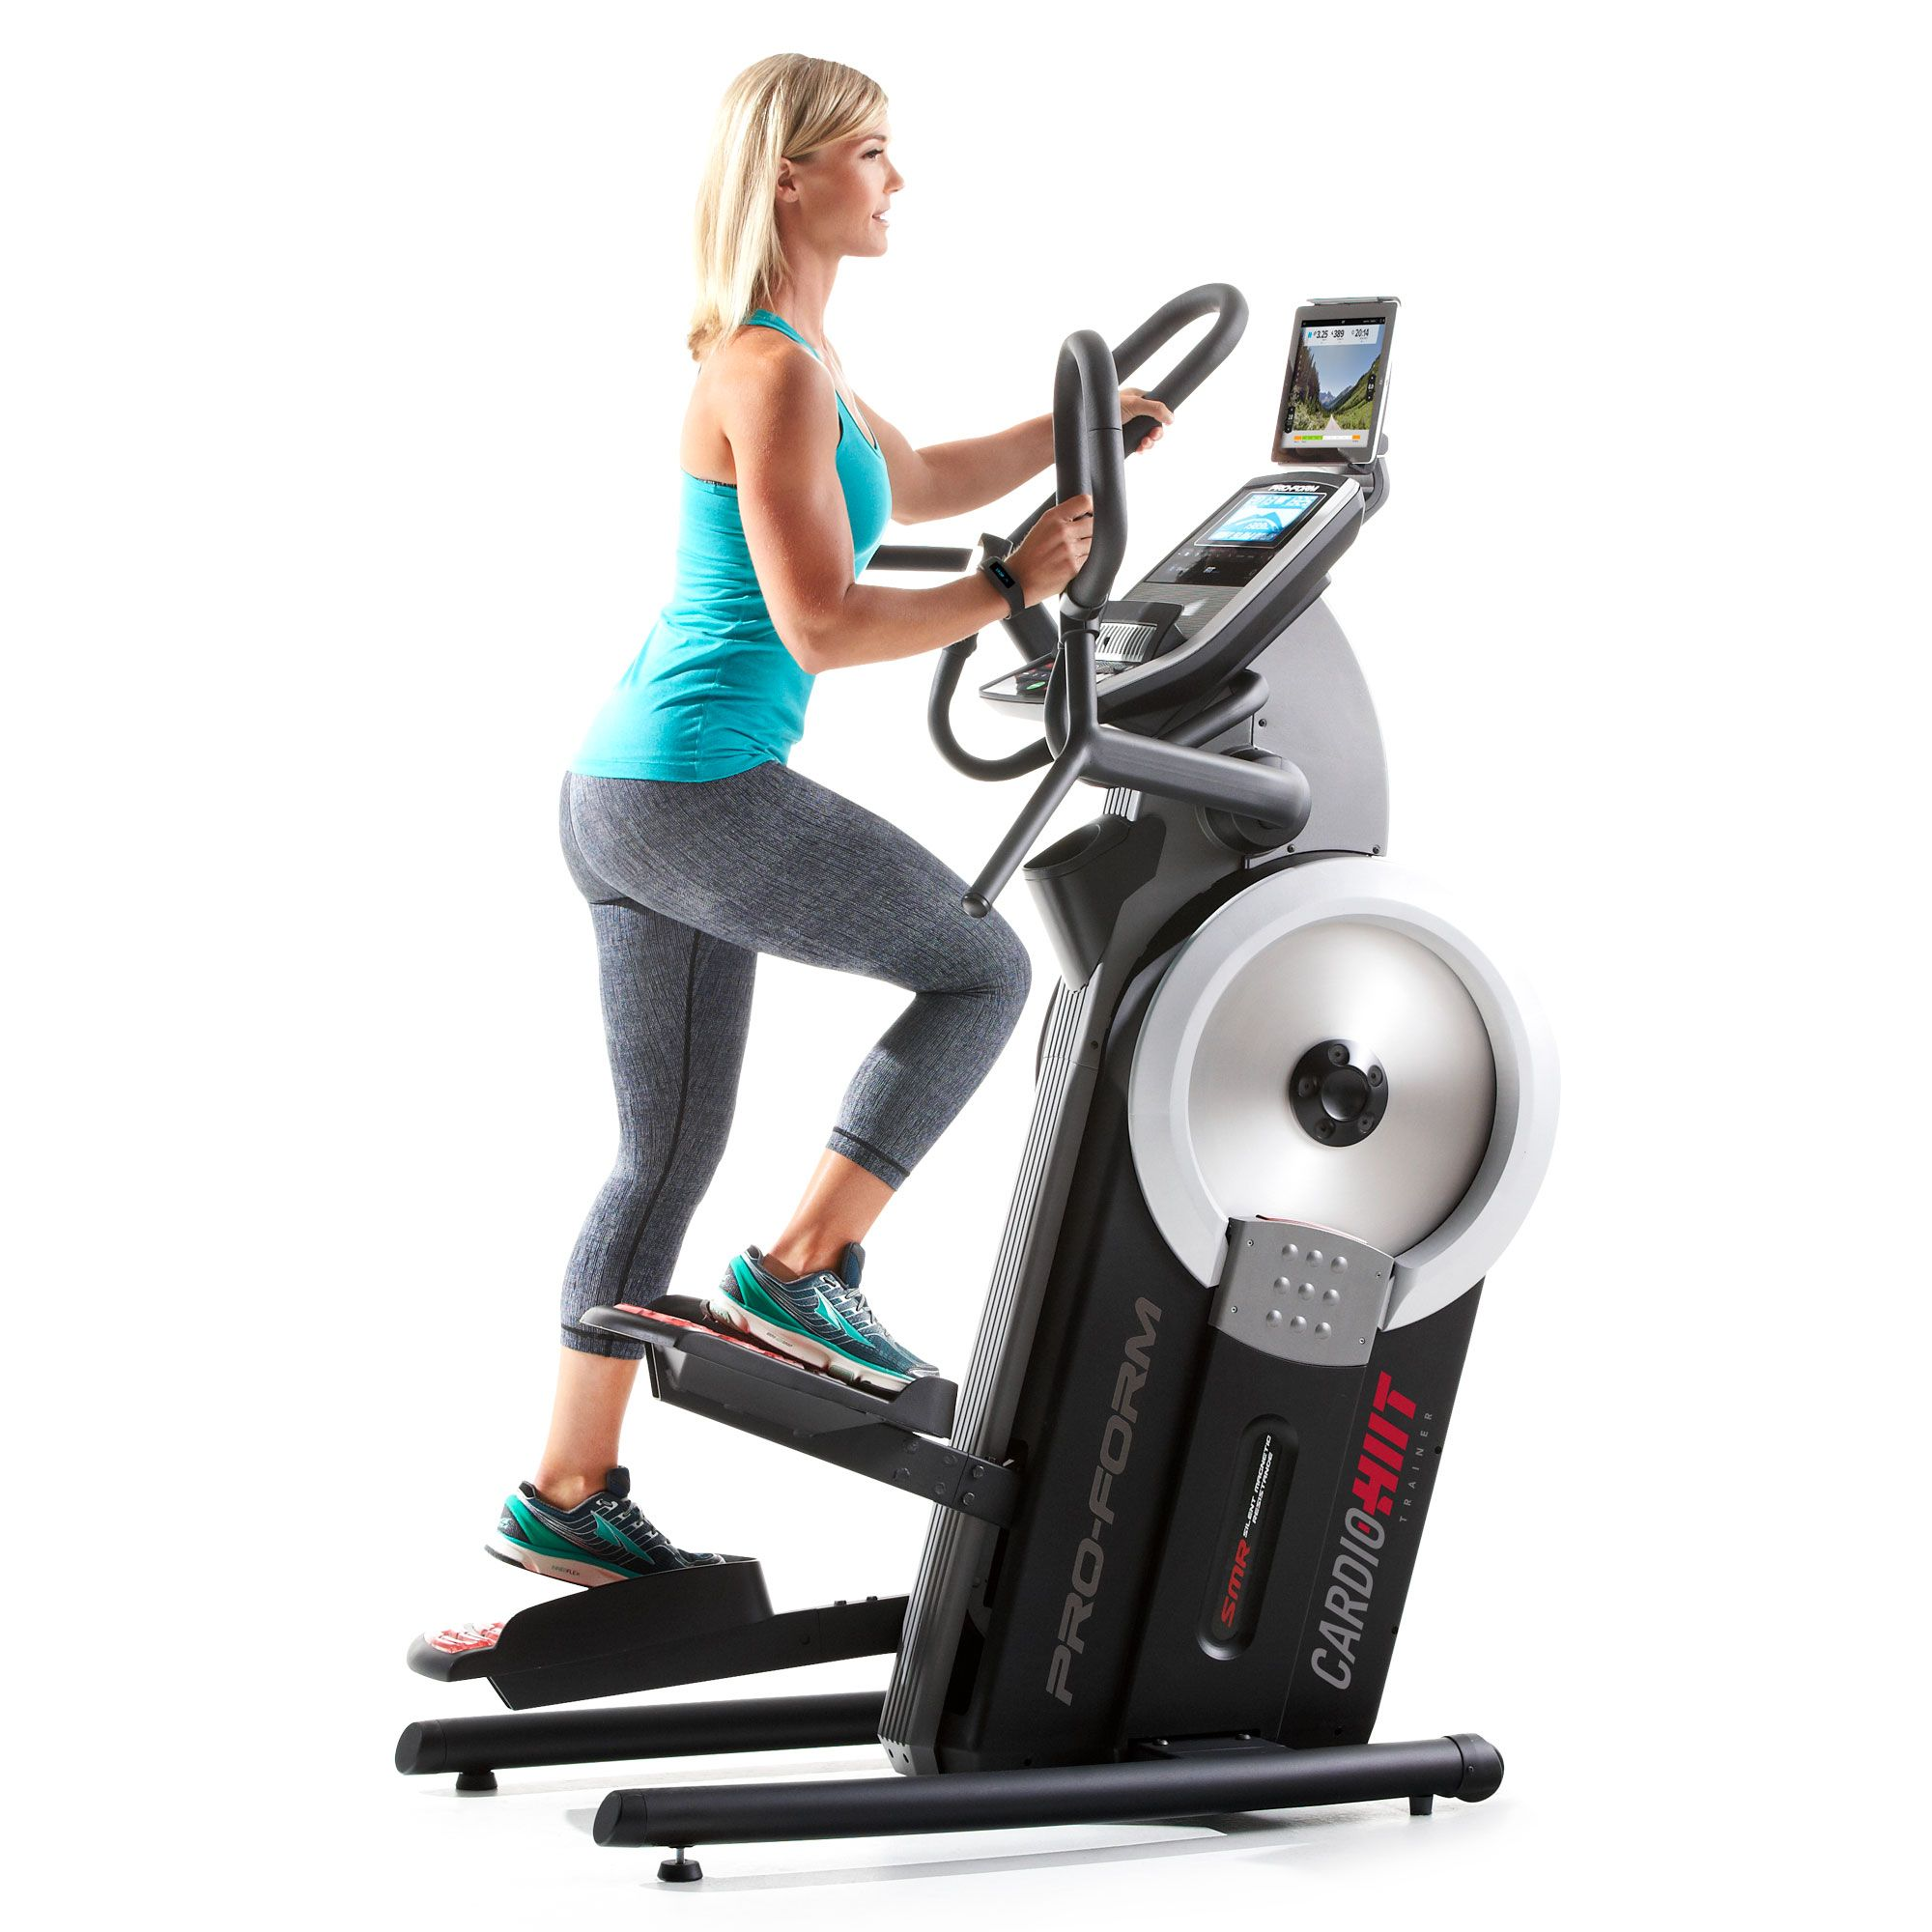 Бег для похудения: как начать, правильная техника для сброса веса - похудейкина